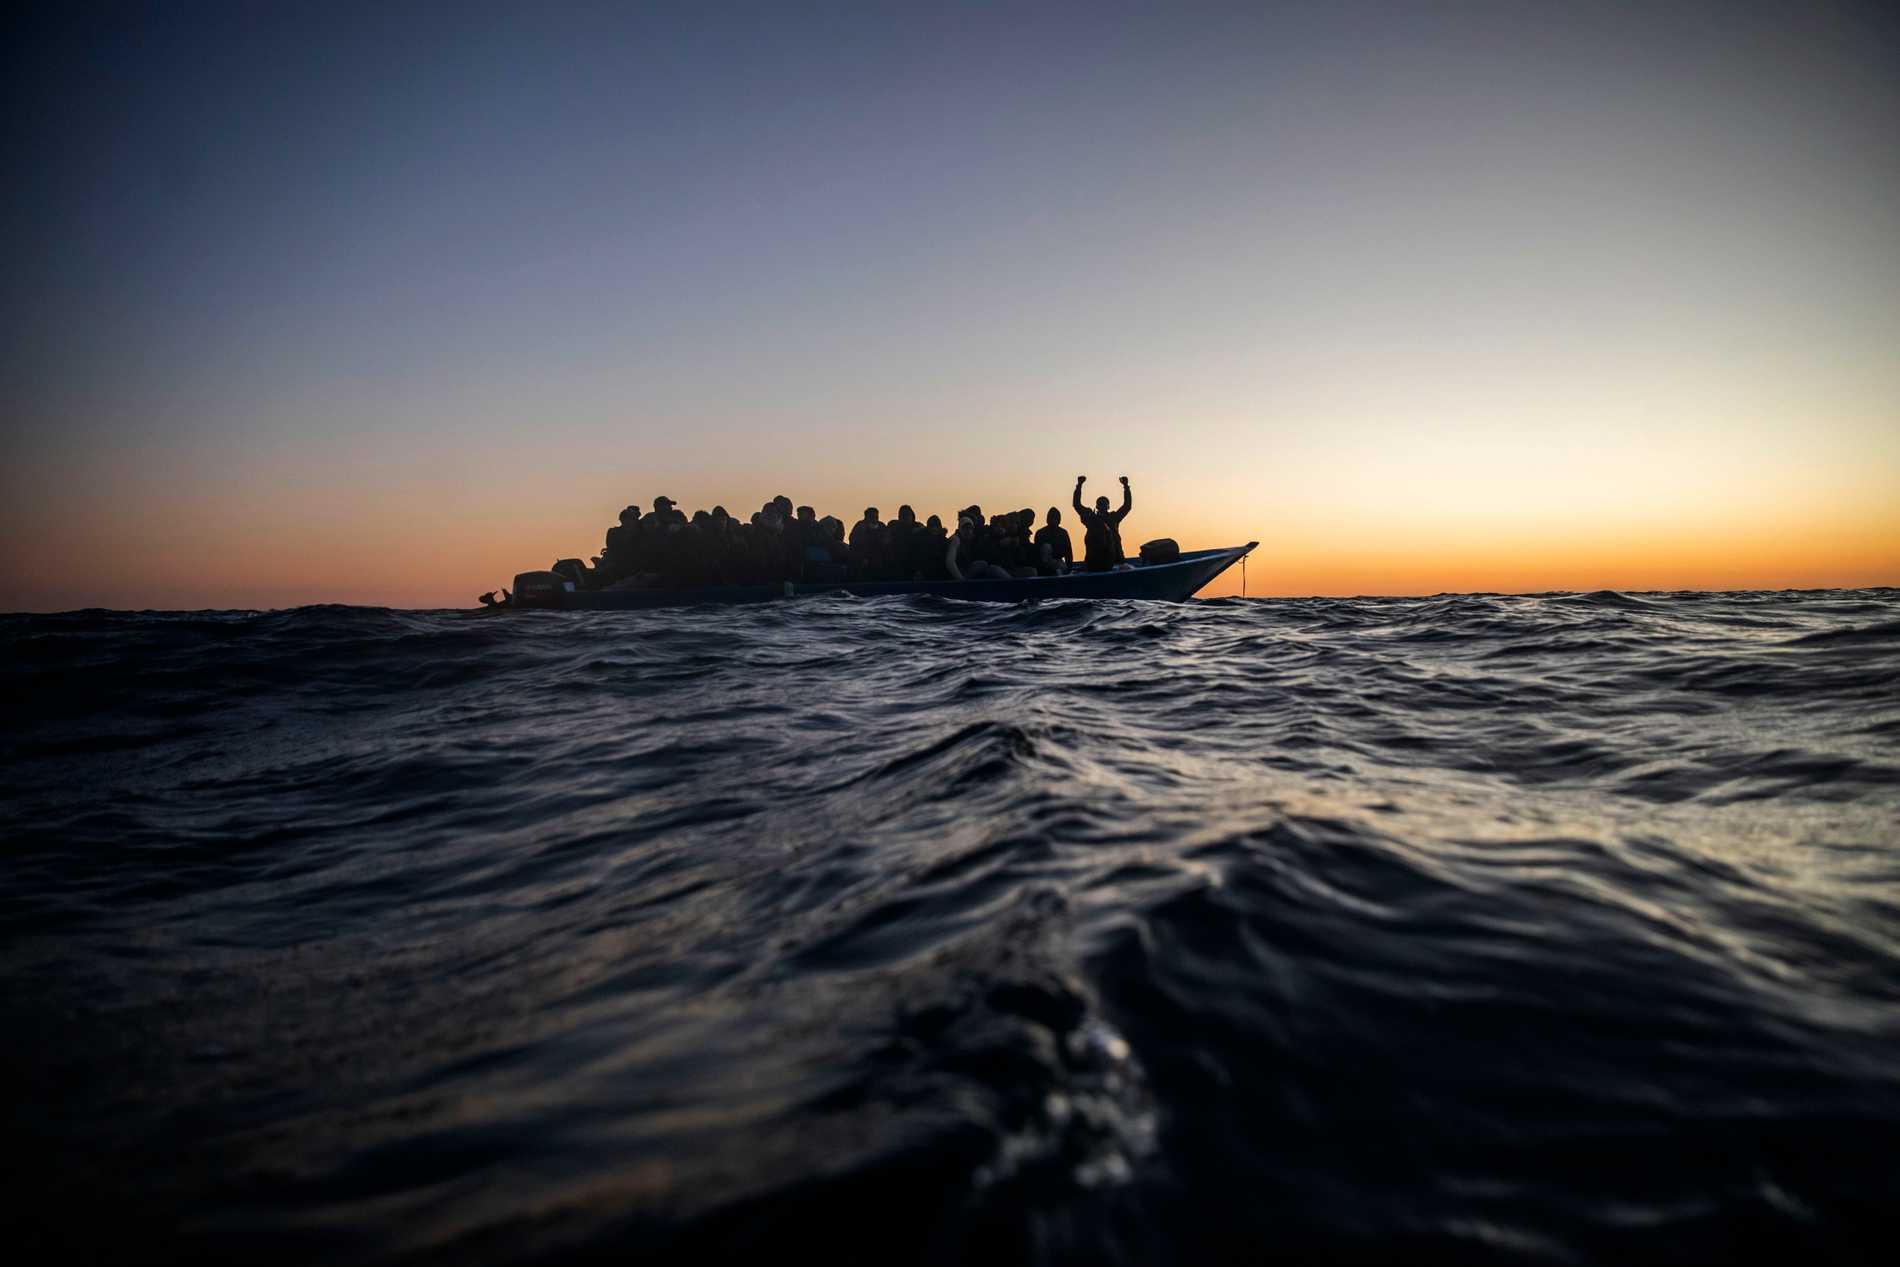 Tusentals människor försöker ta sig sjövägen från Afrika till Europa varje år. Många av dem dör. Bilden är från ett annat tillfälle.